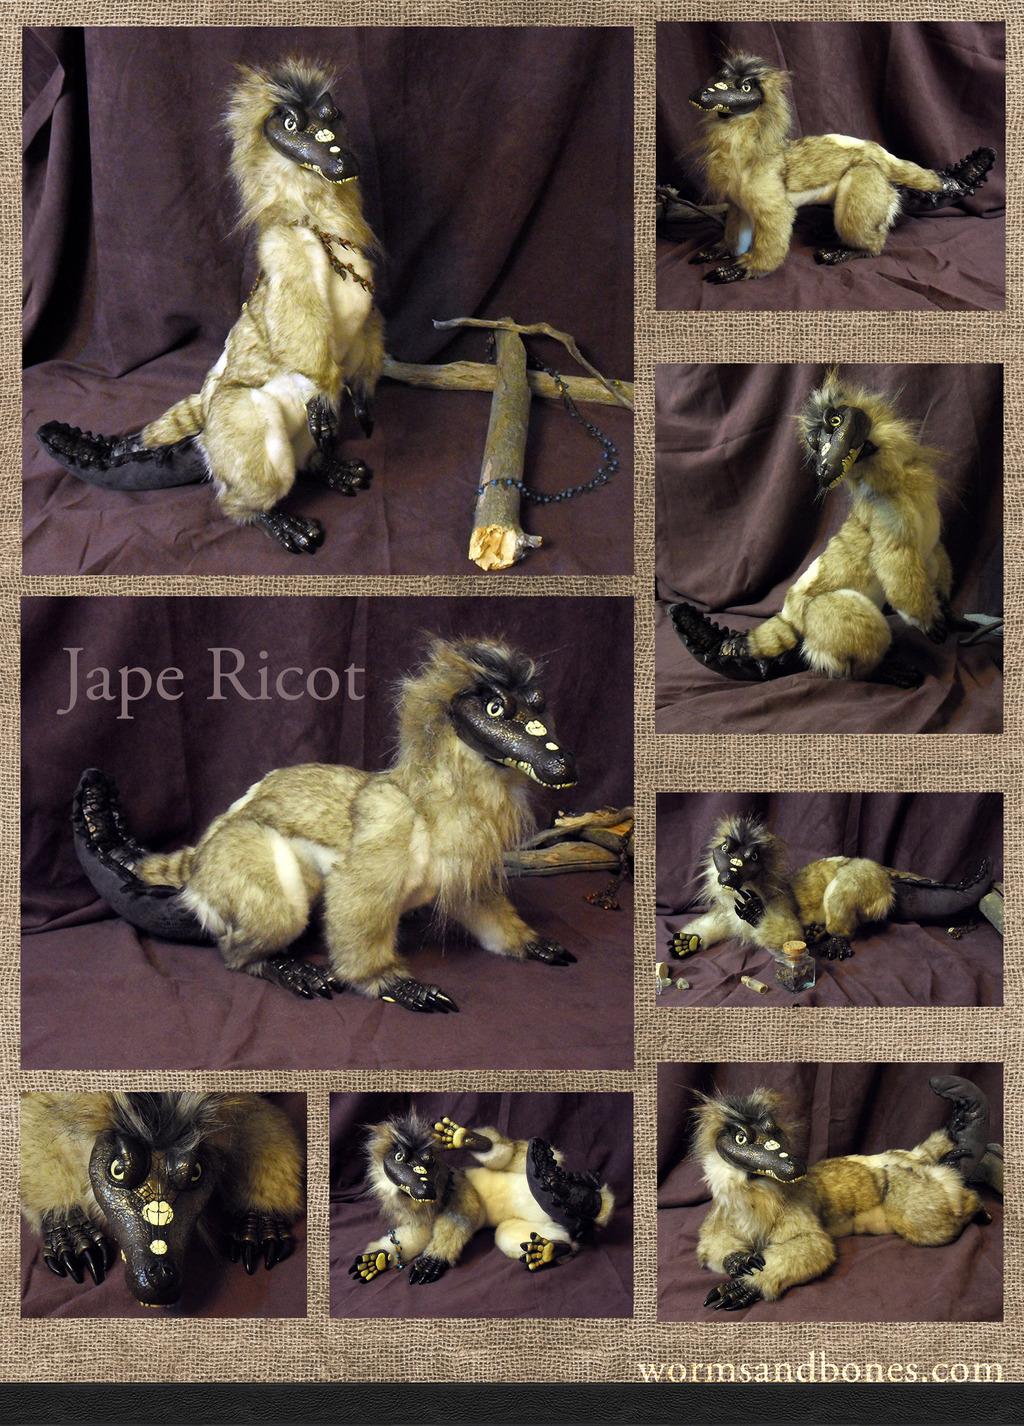 Most recent image: Jape Ricot